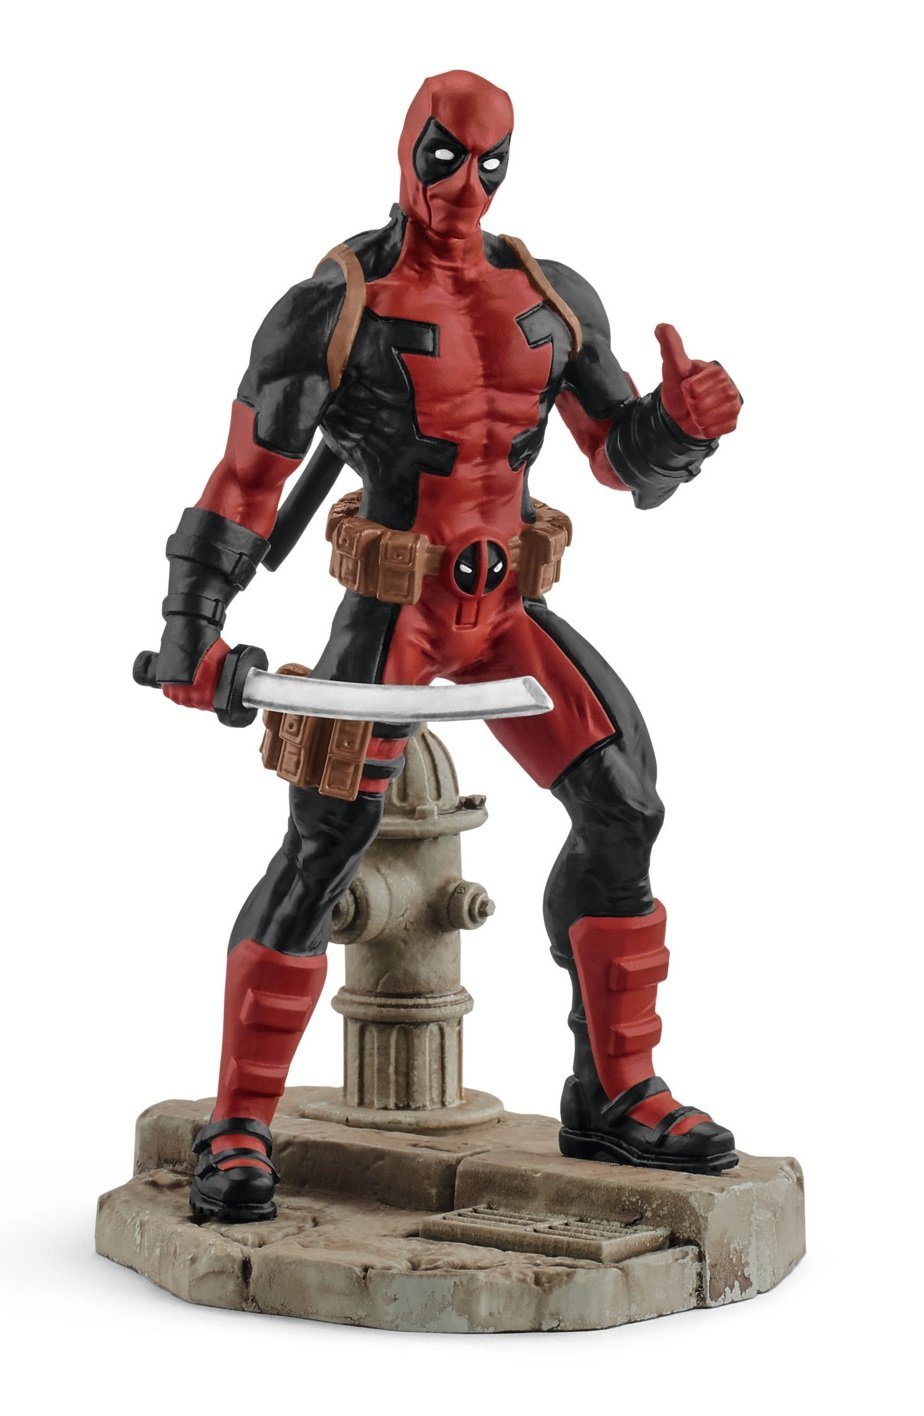 Schleich 21511 - Deadpool No Name